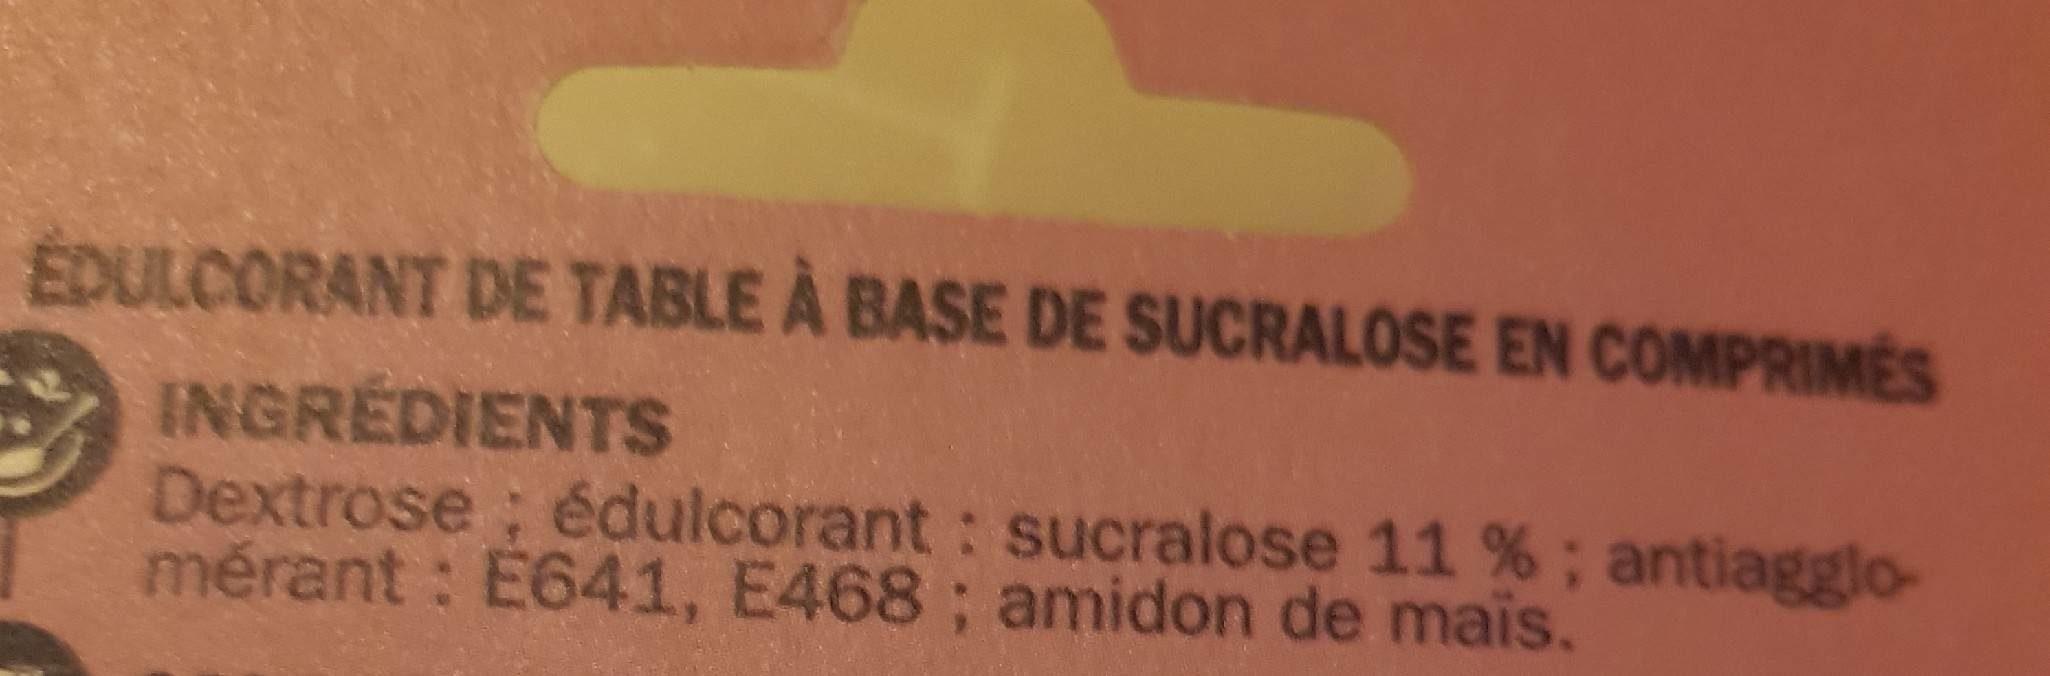 Edulcorant sucralose x300comp - Ingrédients - fr